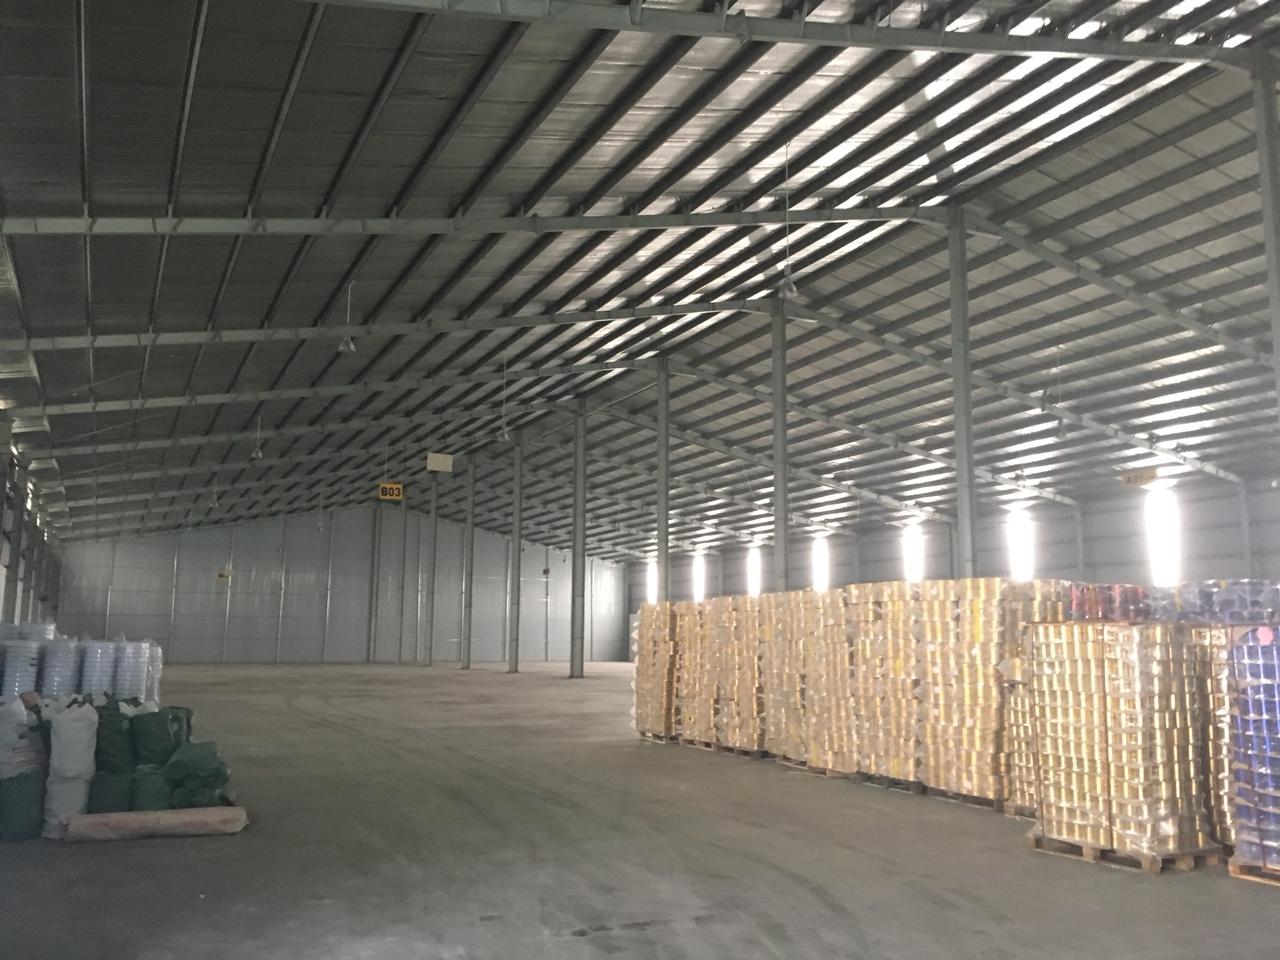 Cho thuê nhà xưởng khu công nghiệp Tân Hồng Bắc Ninh